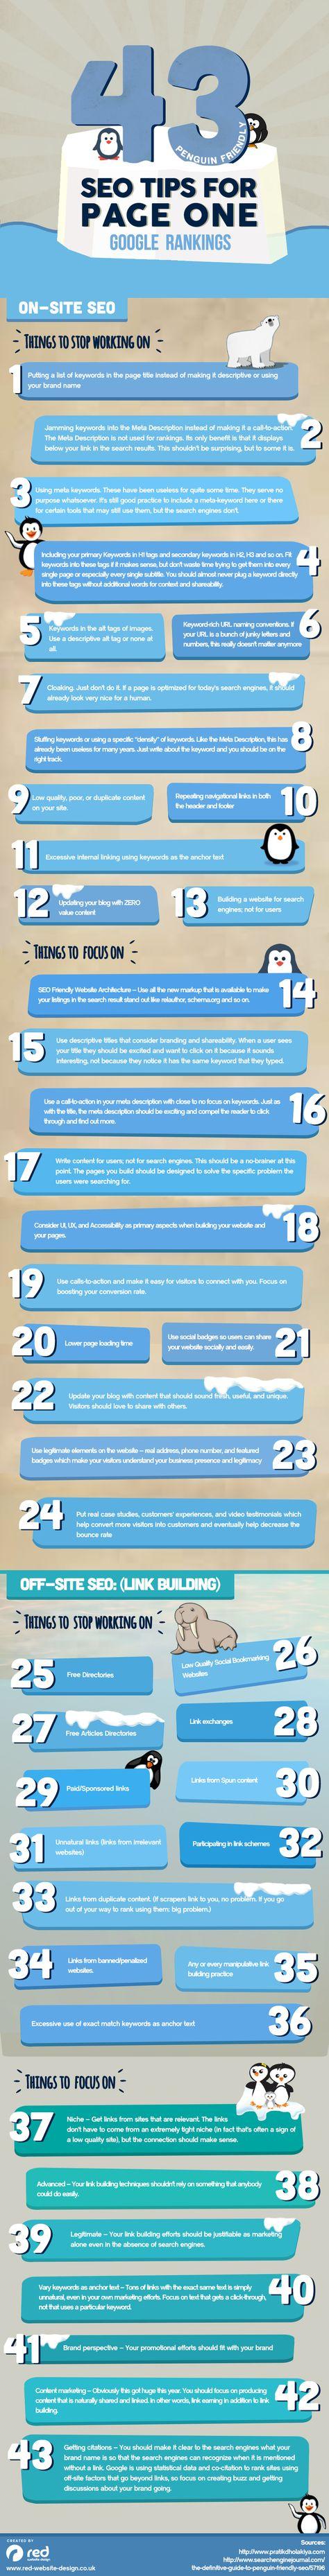 43 Penguin Friendly SEO Tips for Page One Google Rankings Wenn euer Business vergößern wollt oder gerade dabei seid eines zu starten, dann schaut euch unsere Website an kreationline.de Wenn ihr irgendwelche Fragen habt freuen wir uns über eure Nachricht!